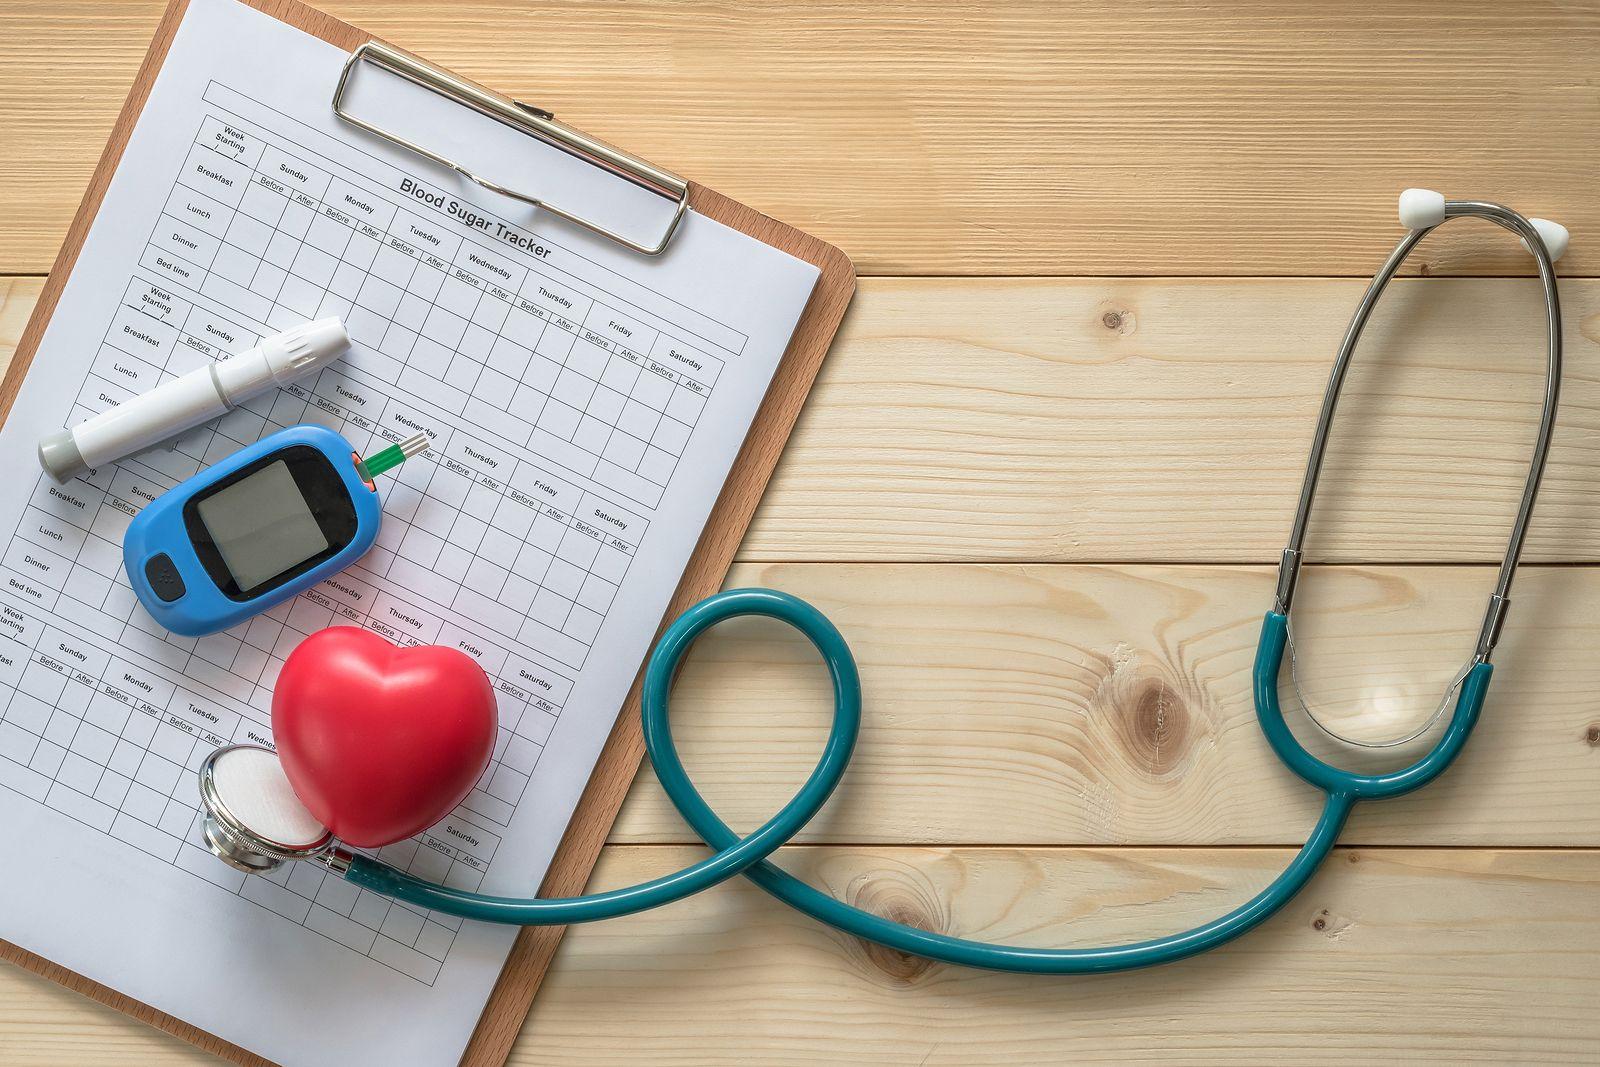 vínculo diabetes y enfermedad cardíaca